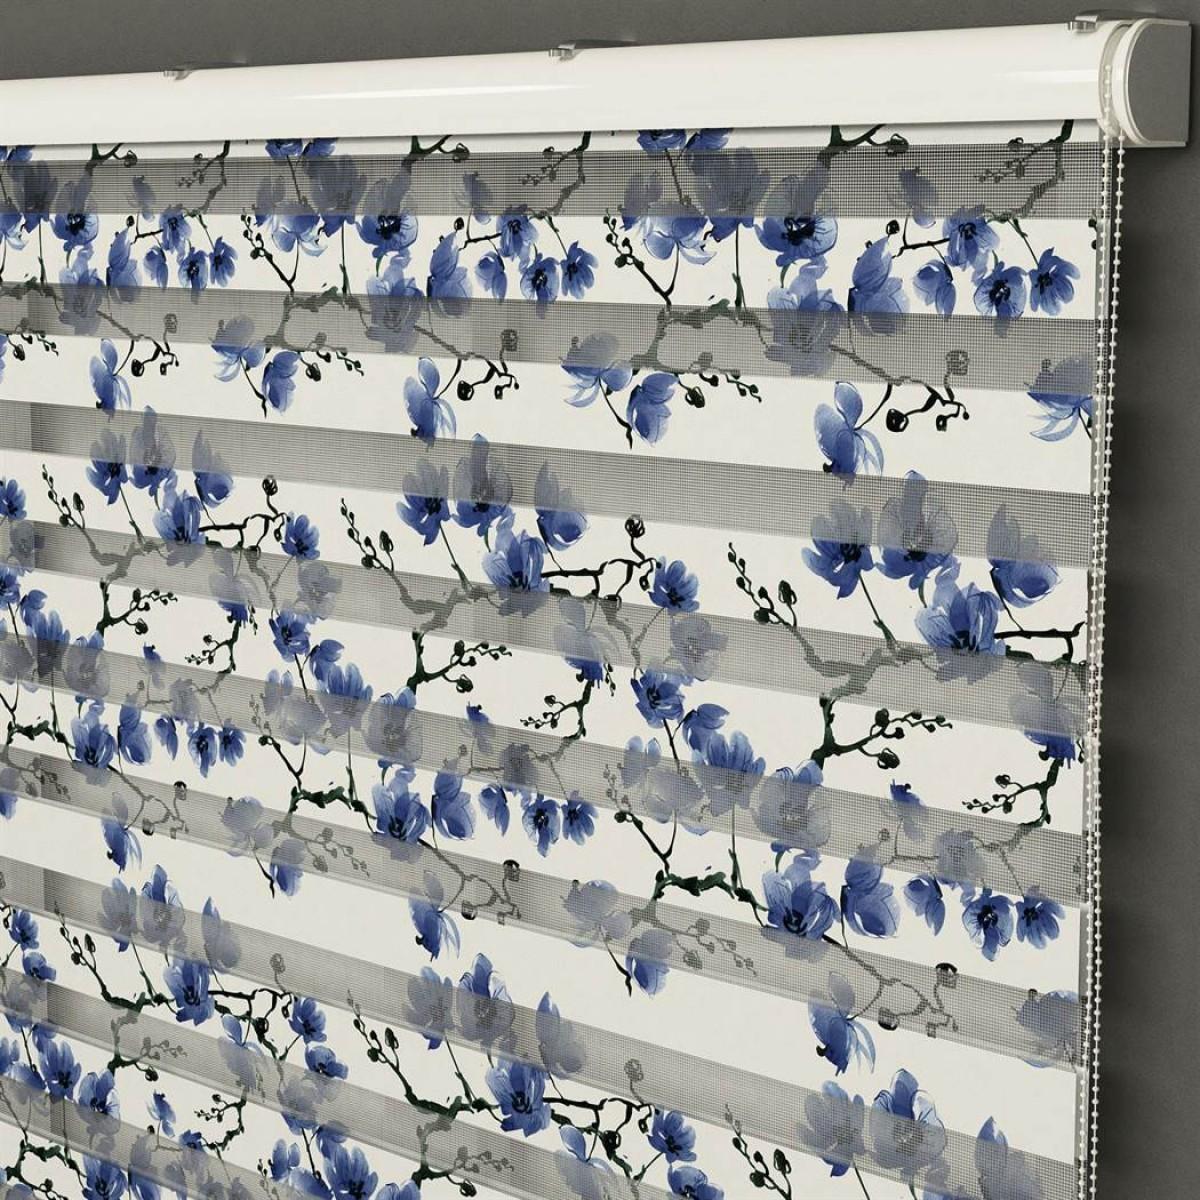 Mutfak -  Suluboya Mavi Çiçekler Baskılı Zebra Perde